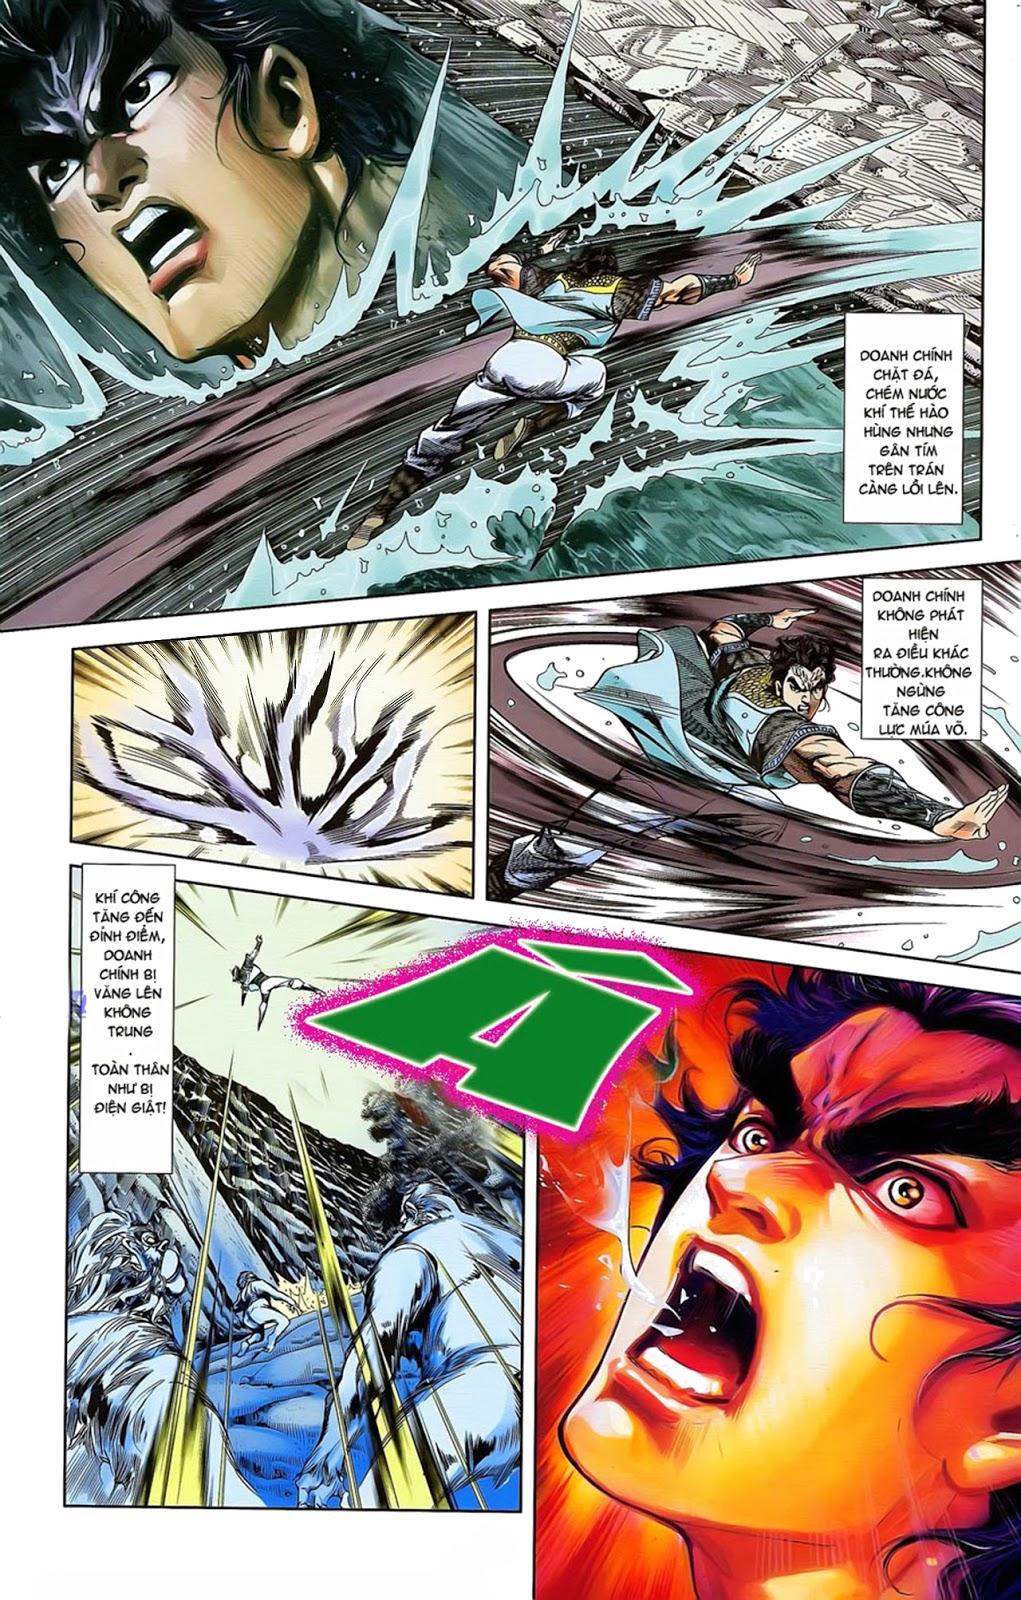 Tần Vương Doanh Chính chapter 15 trang 24